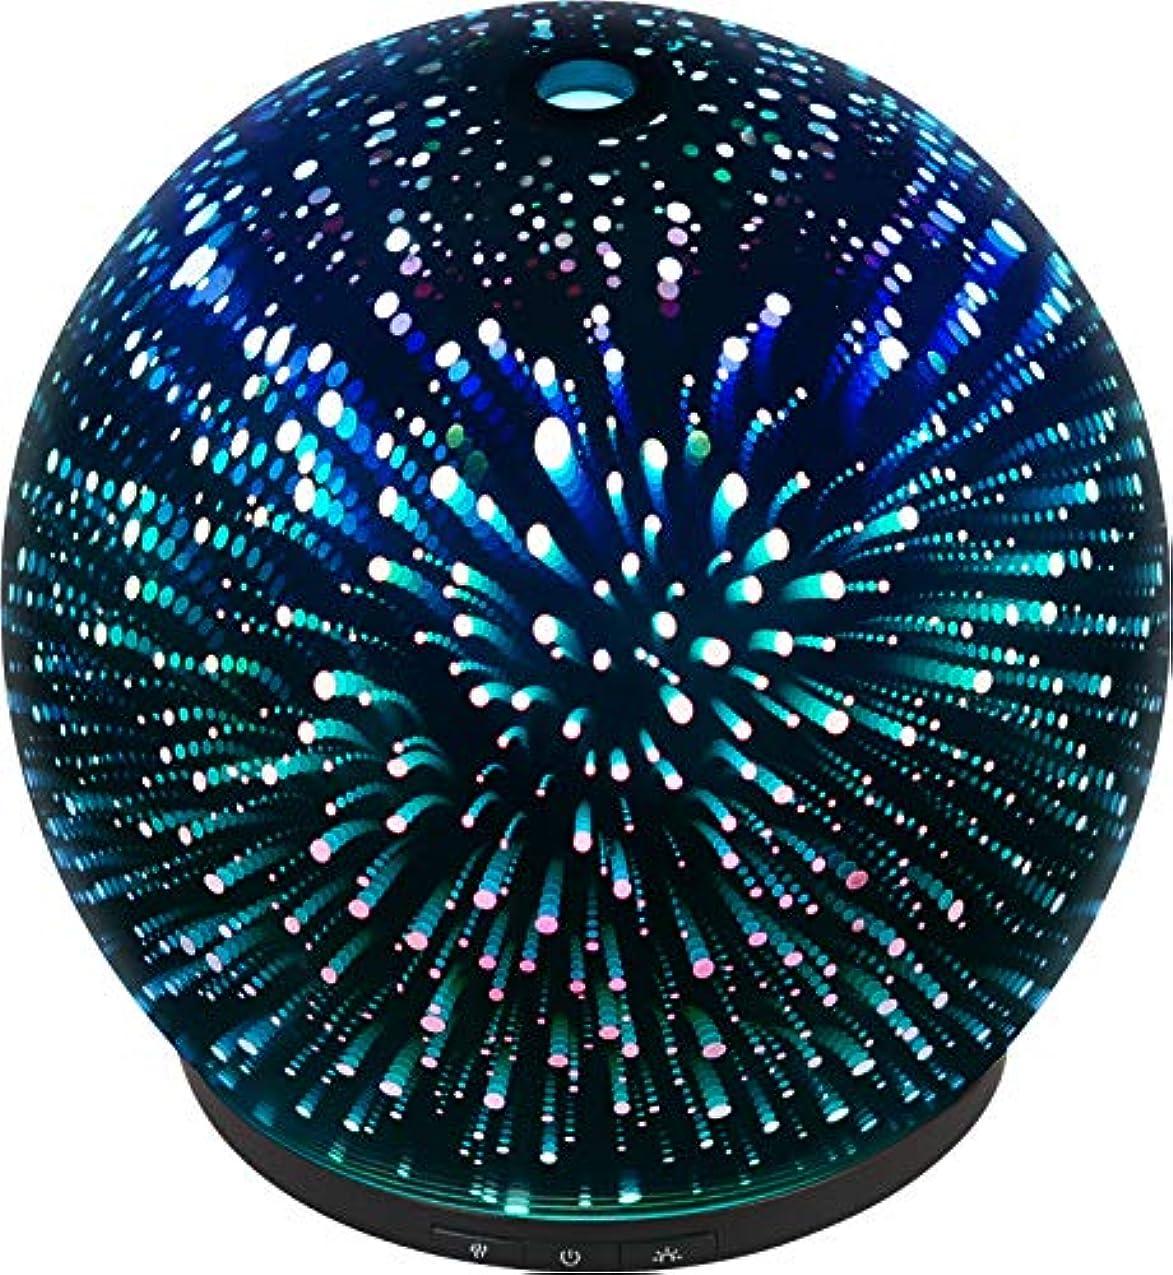 黙認する宝石守るEddax Aromatherapy ミストディフューザー オートシャットオフ機能付き、7色LEDライト&大型水タンク - 3Dエフェクトナイトライトアロマ加湿器(家庭、ヨガ、ベッドルーム、ジム用)